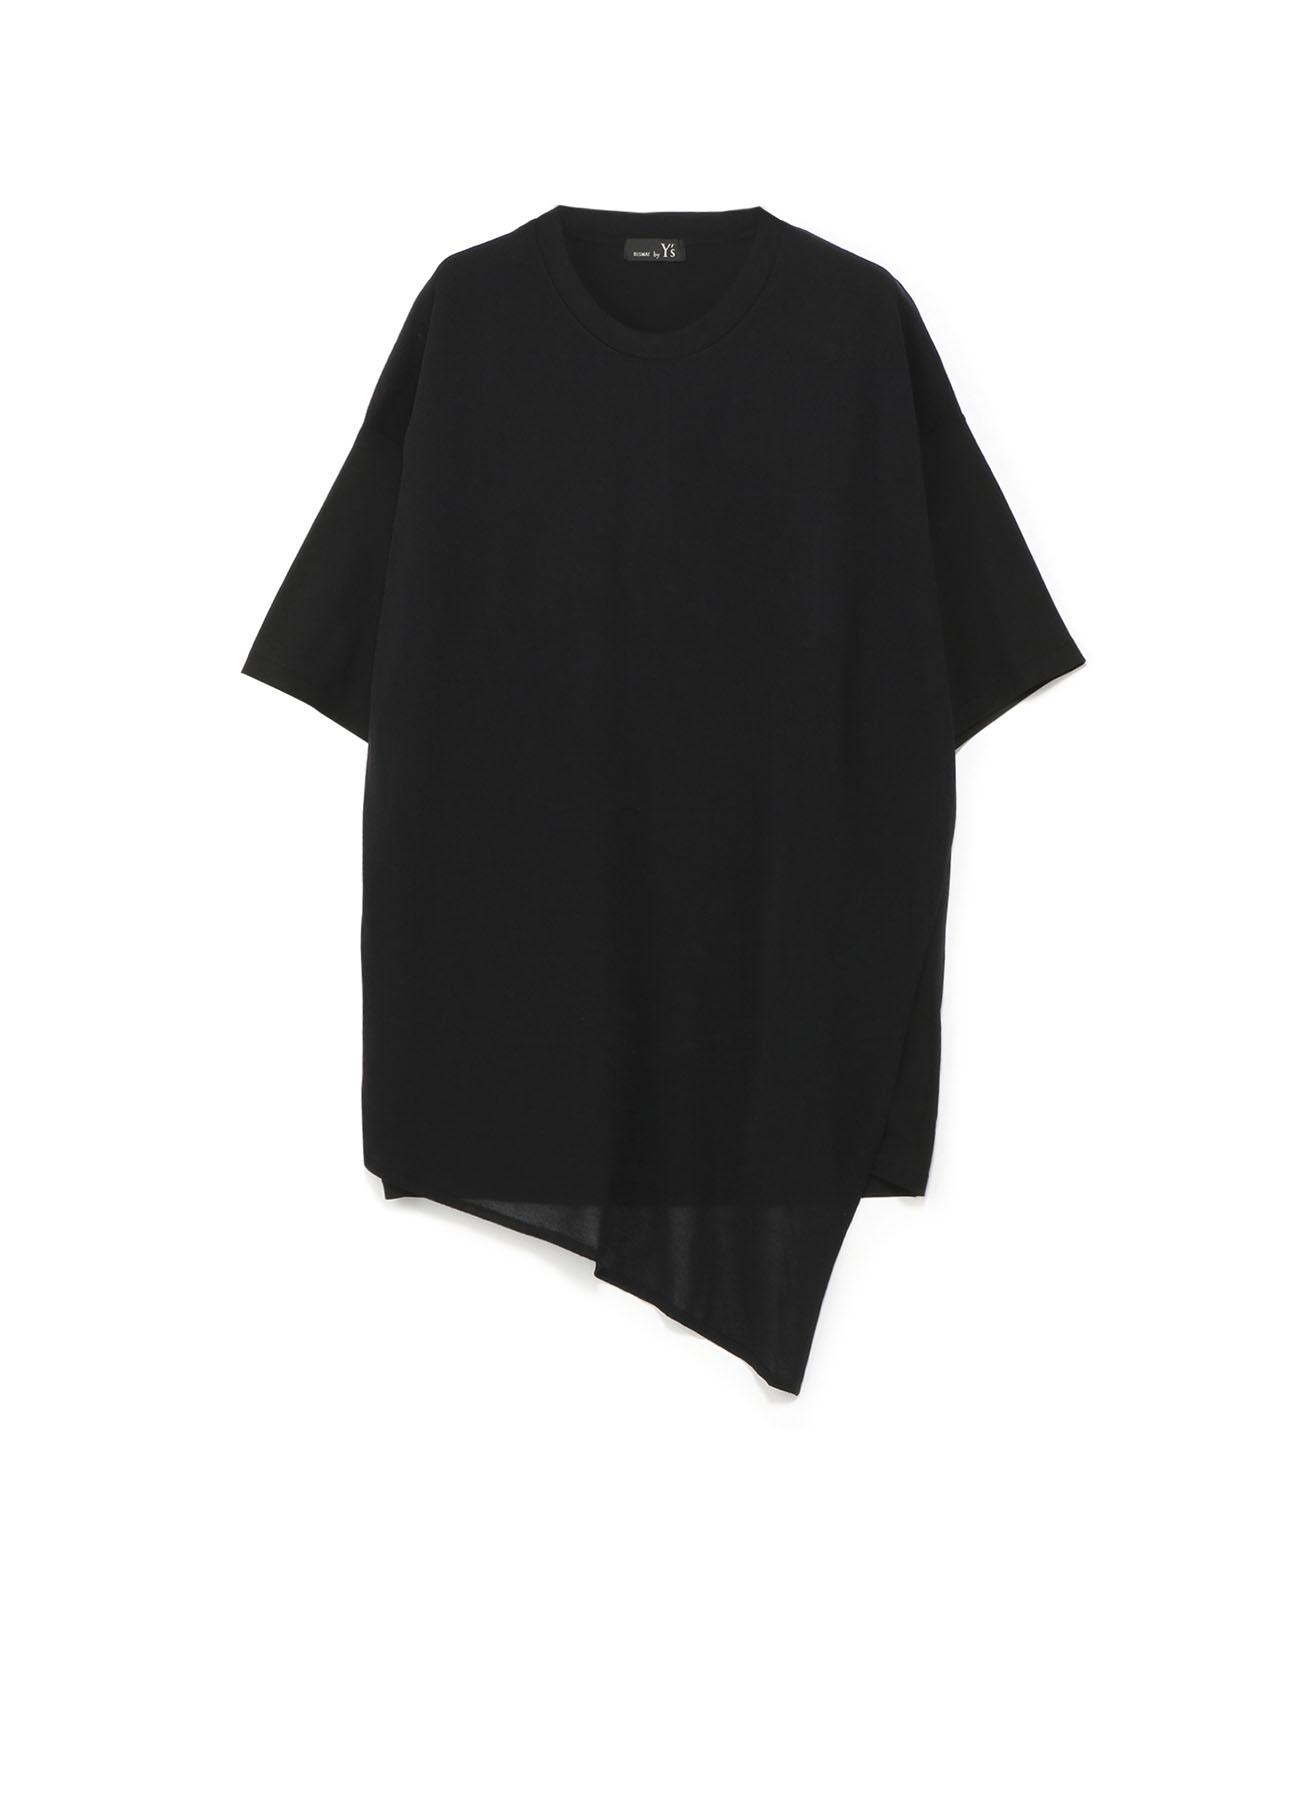 RISMATbyY's 強撚度詰天竺 斜めニット付半袖ビッグTシャツ